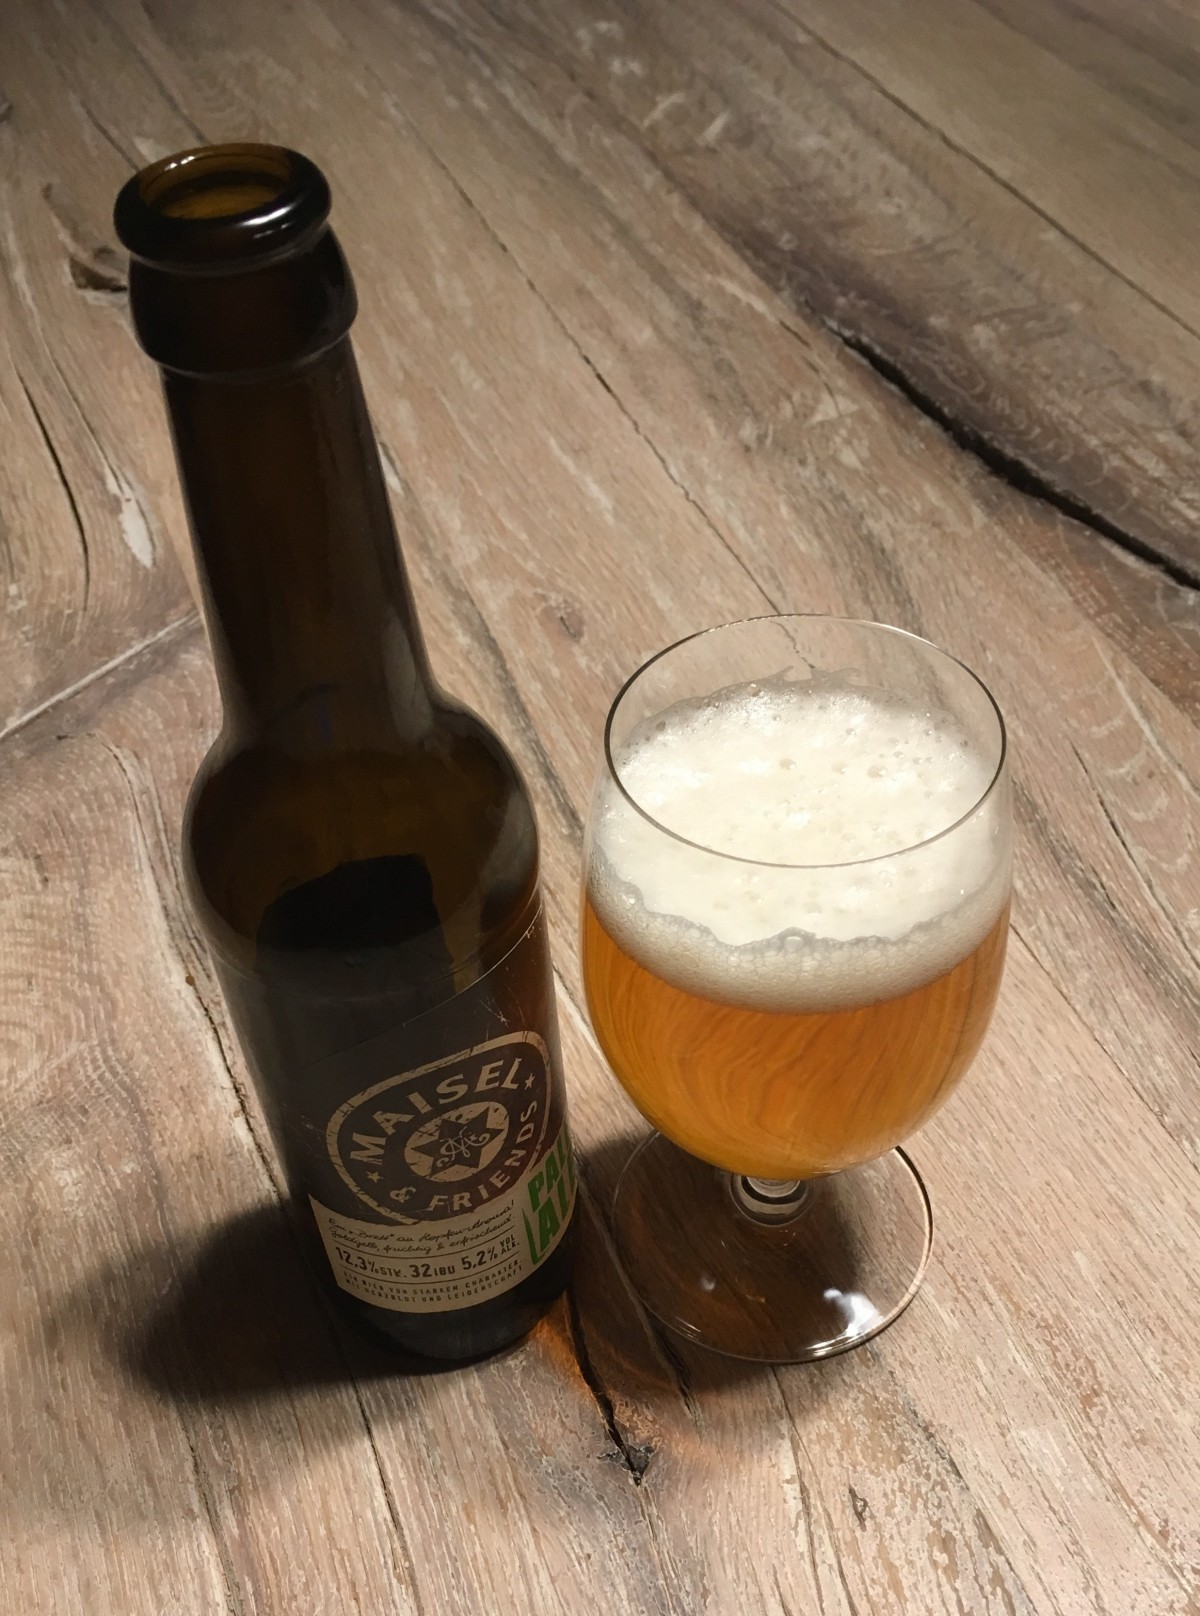 Maisel & Friends Pale Ale im Glas und in der Flasche